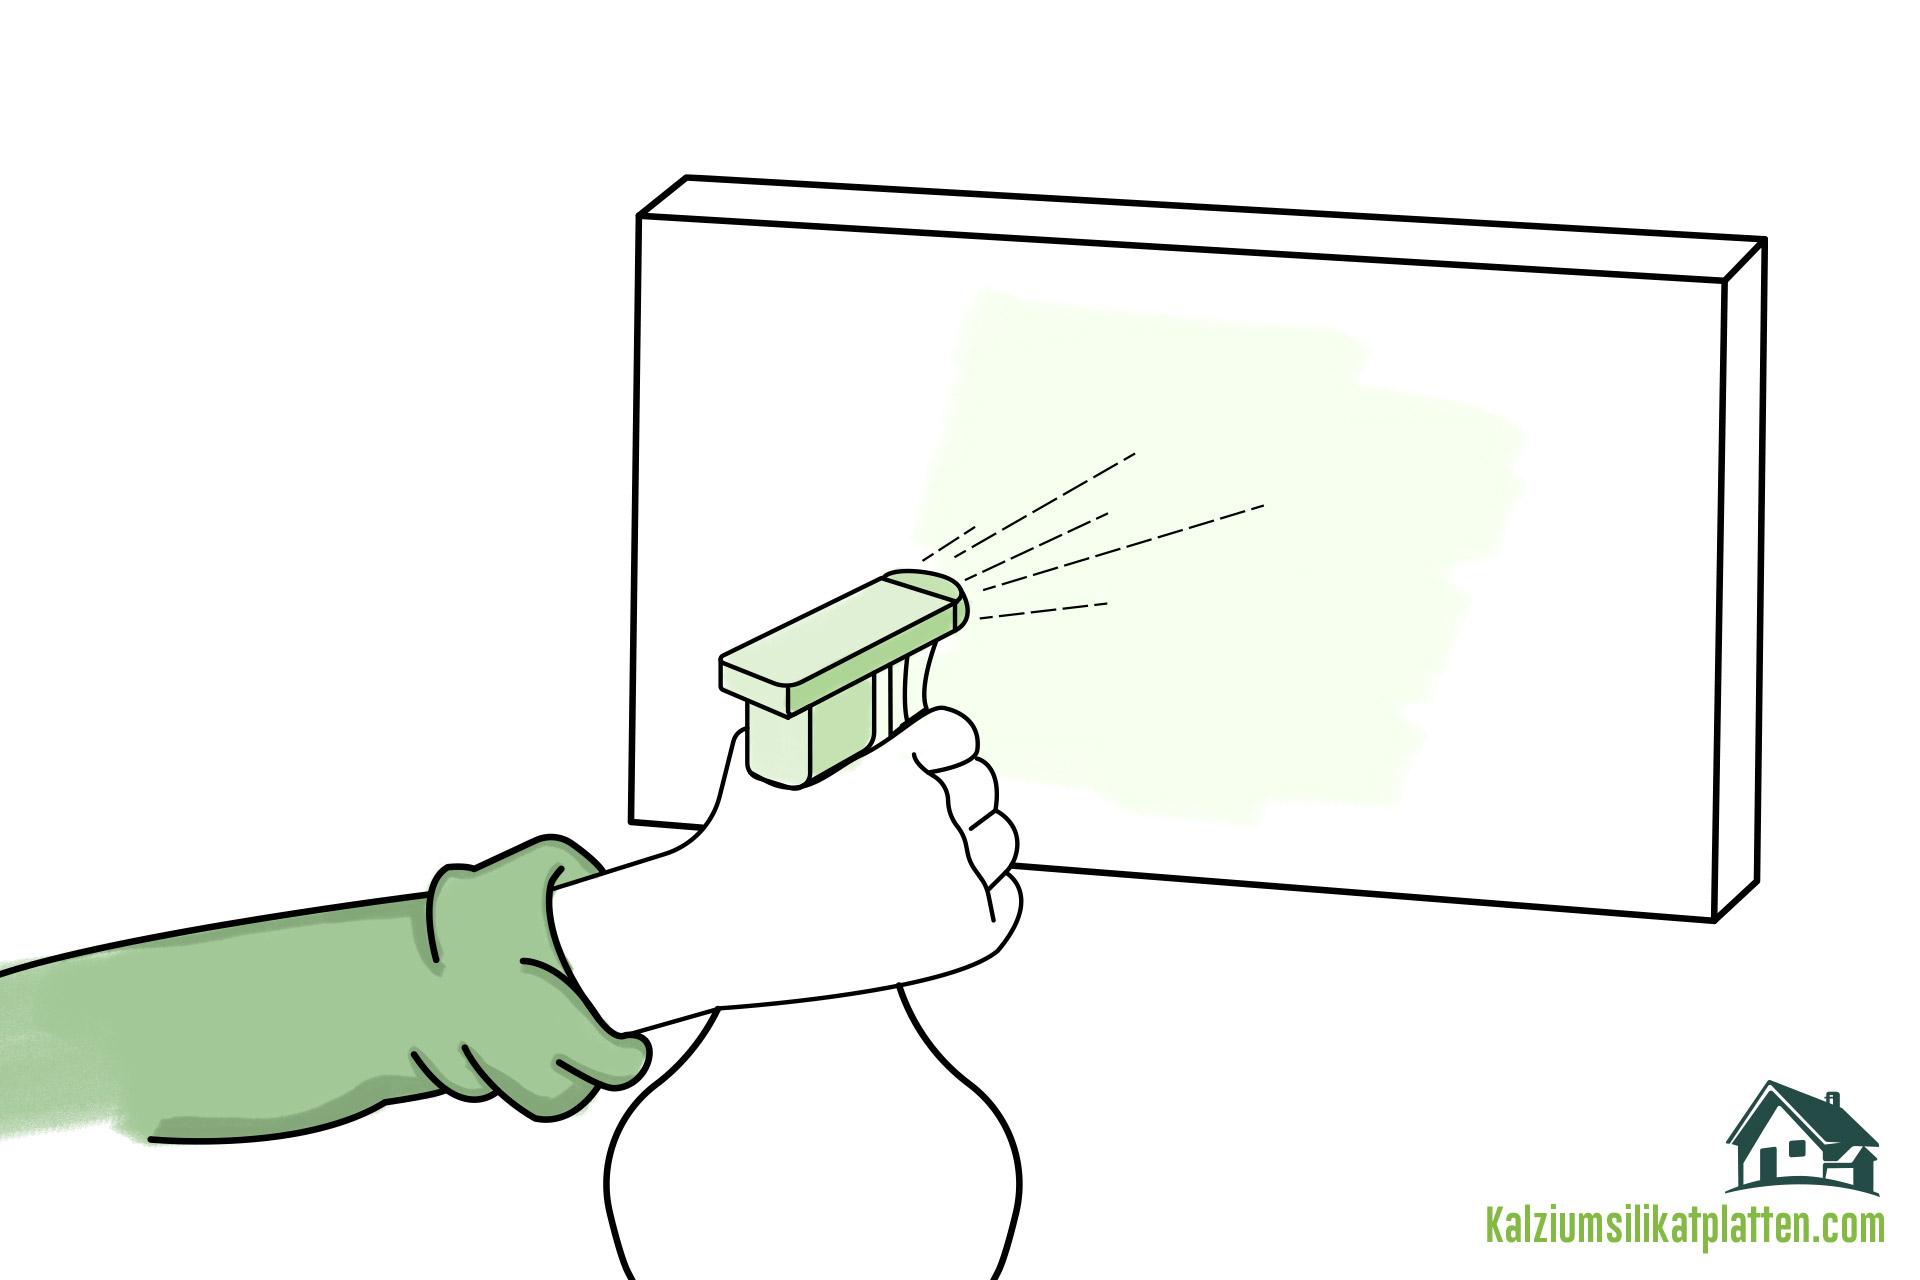 Anleitung zur Verarbeitung von Kalziumsilikatplatten: Kalziumsilikatplatten mit Silikatgrundierung grundieren